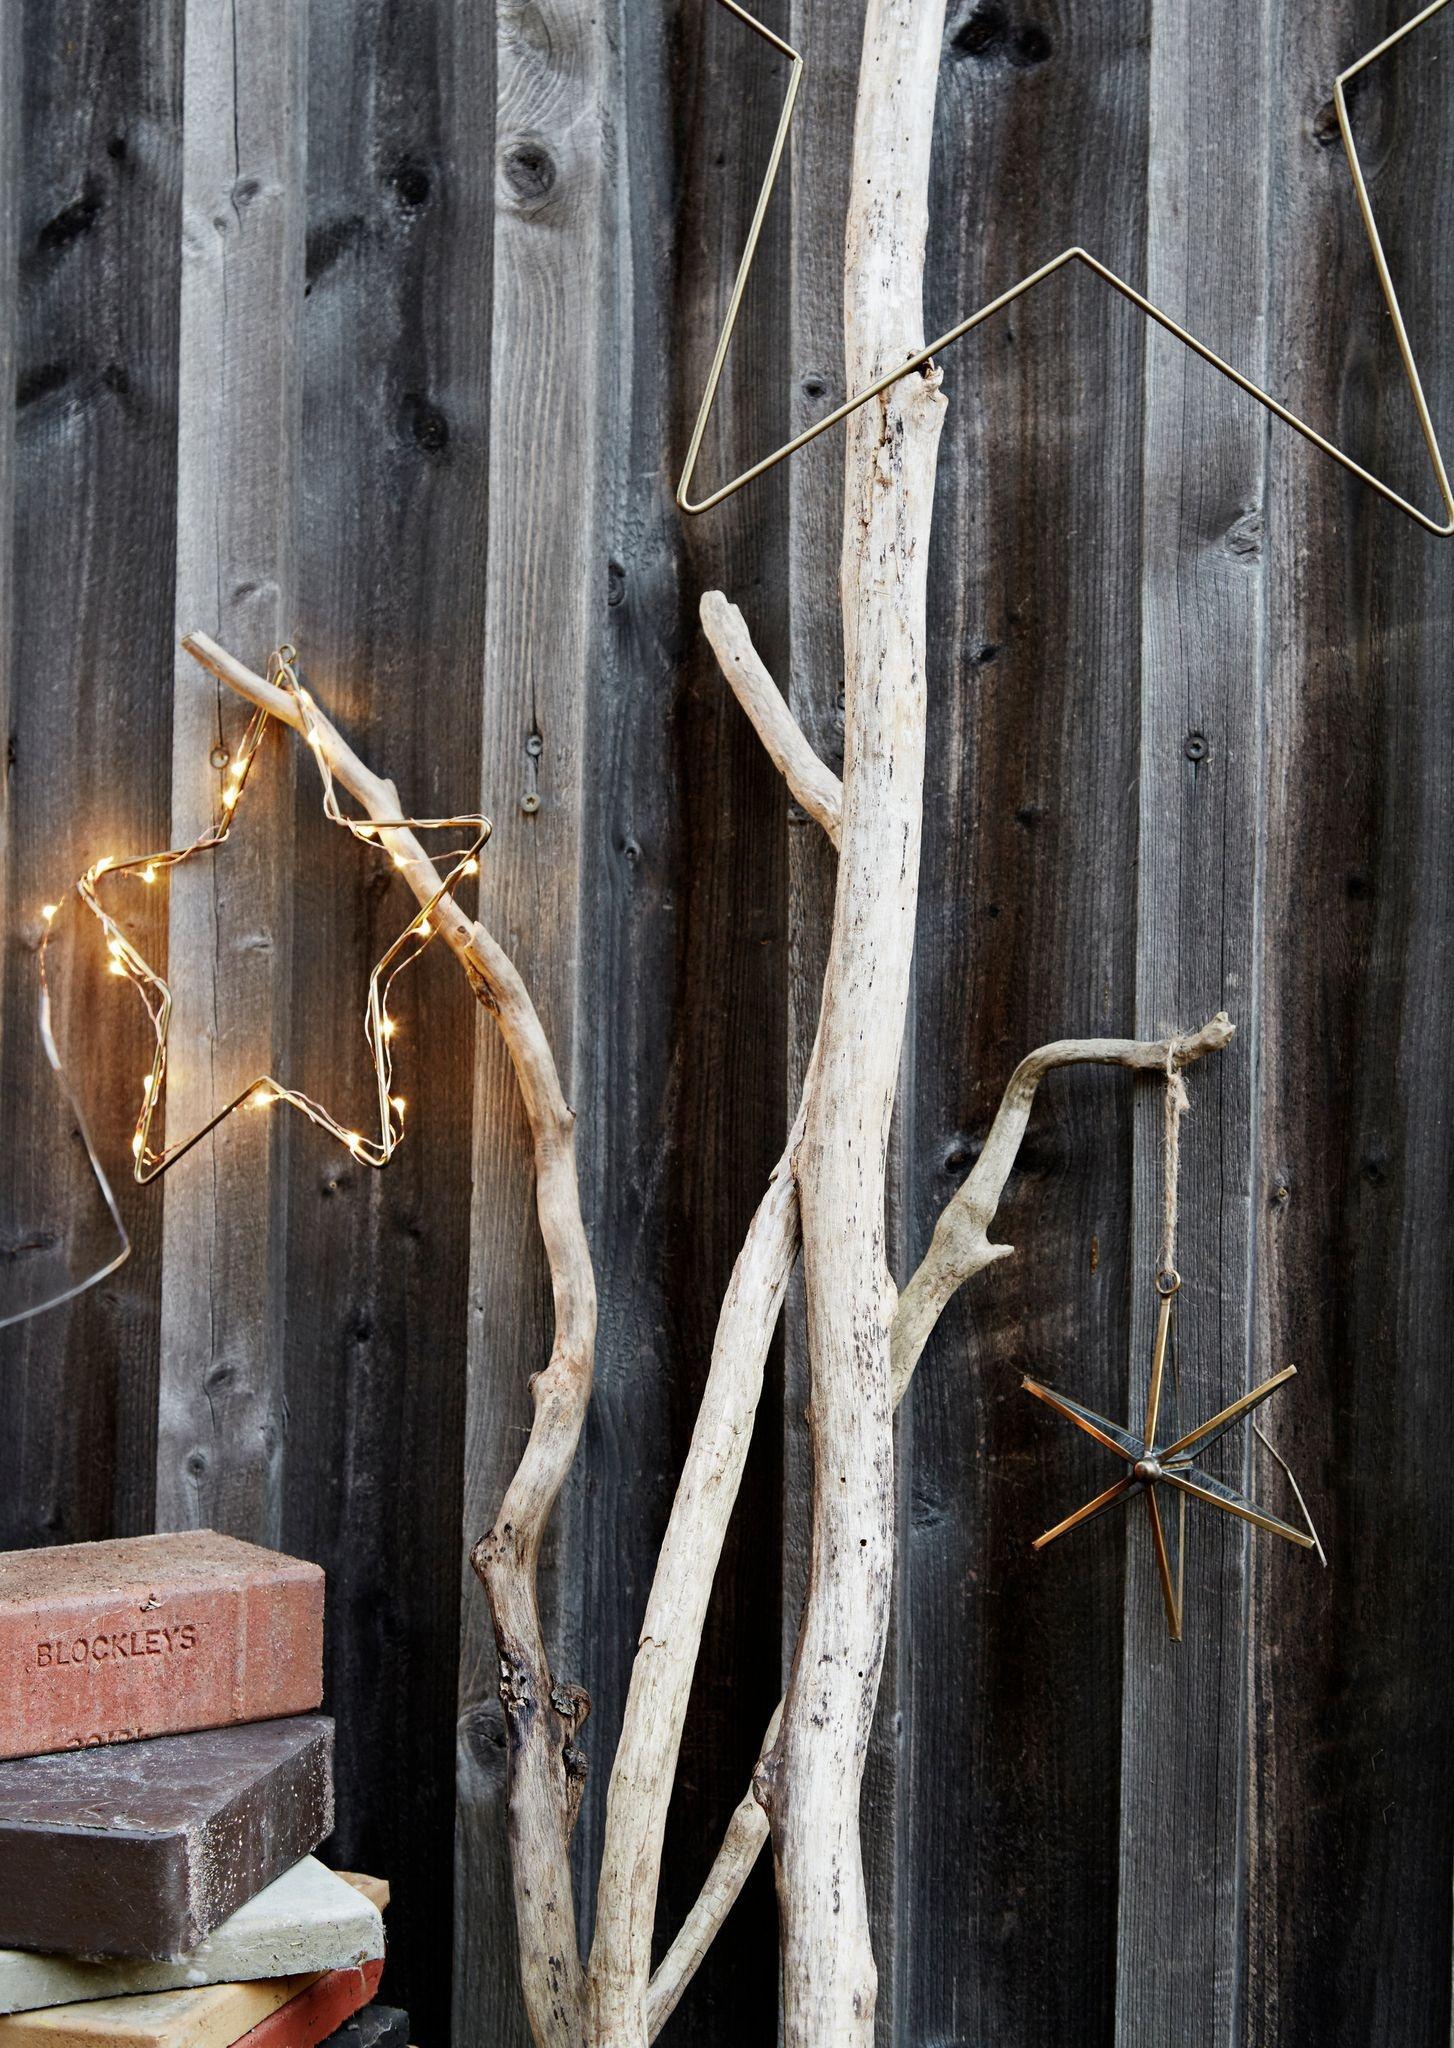 des-etoiles-lumineuses-pour-illuminer-la-facade-de-la-maison-a-l-heure-des-fetes_5745163